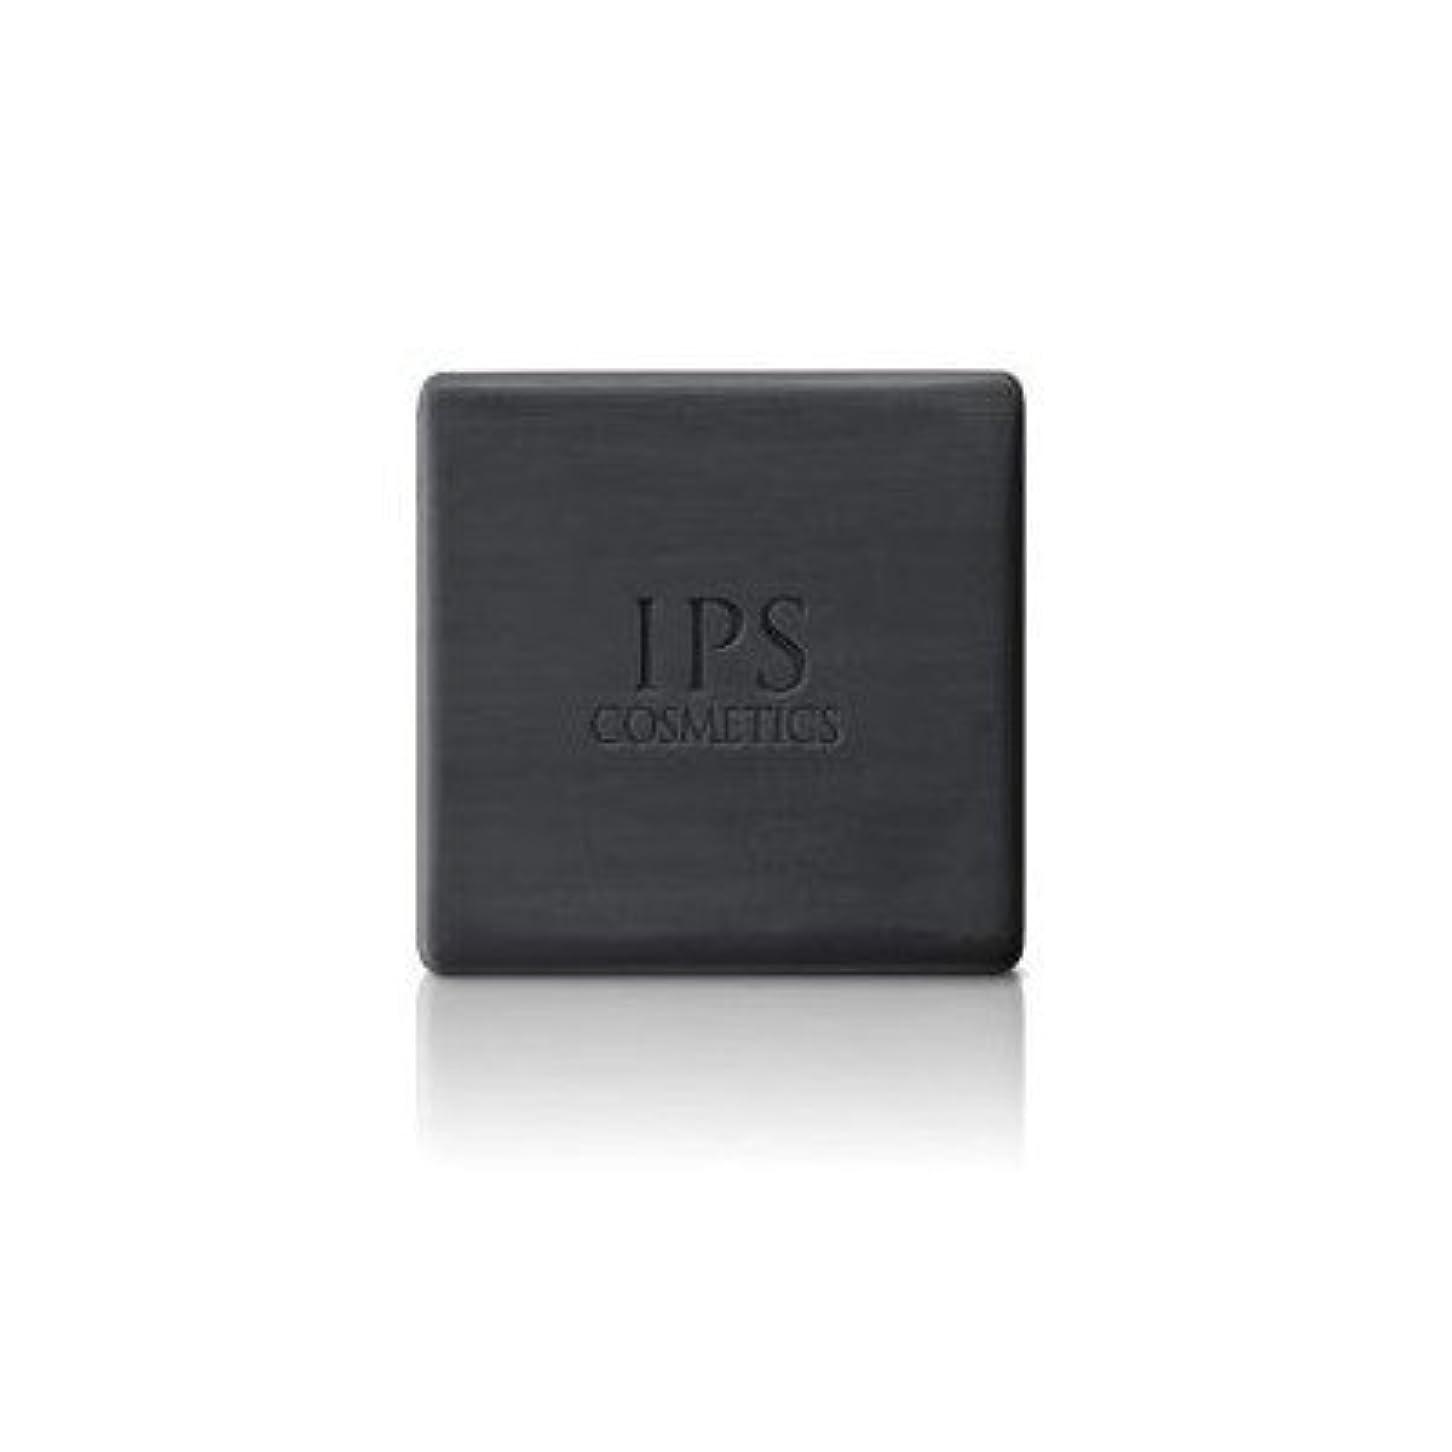 利益弱点鎮痛剤IPS コンディショニングバー 洗顔石鹸 120g